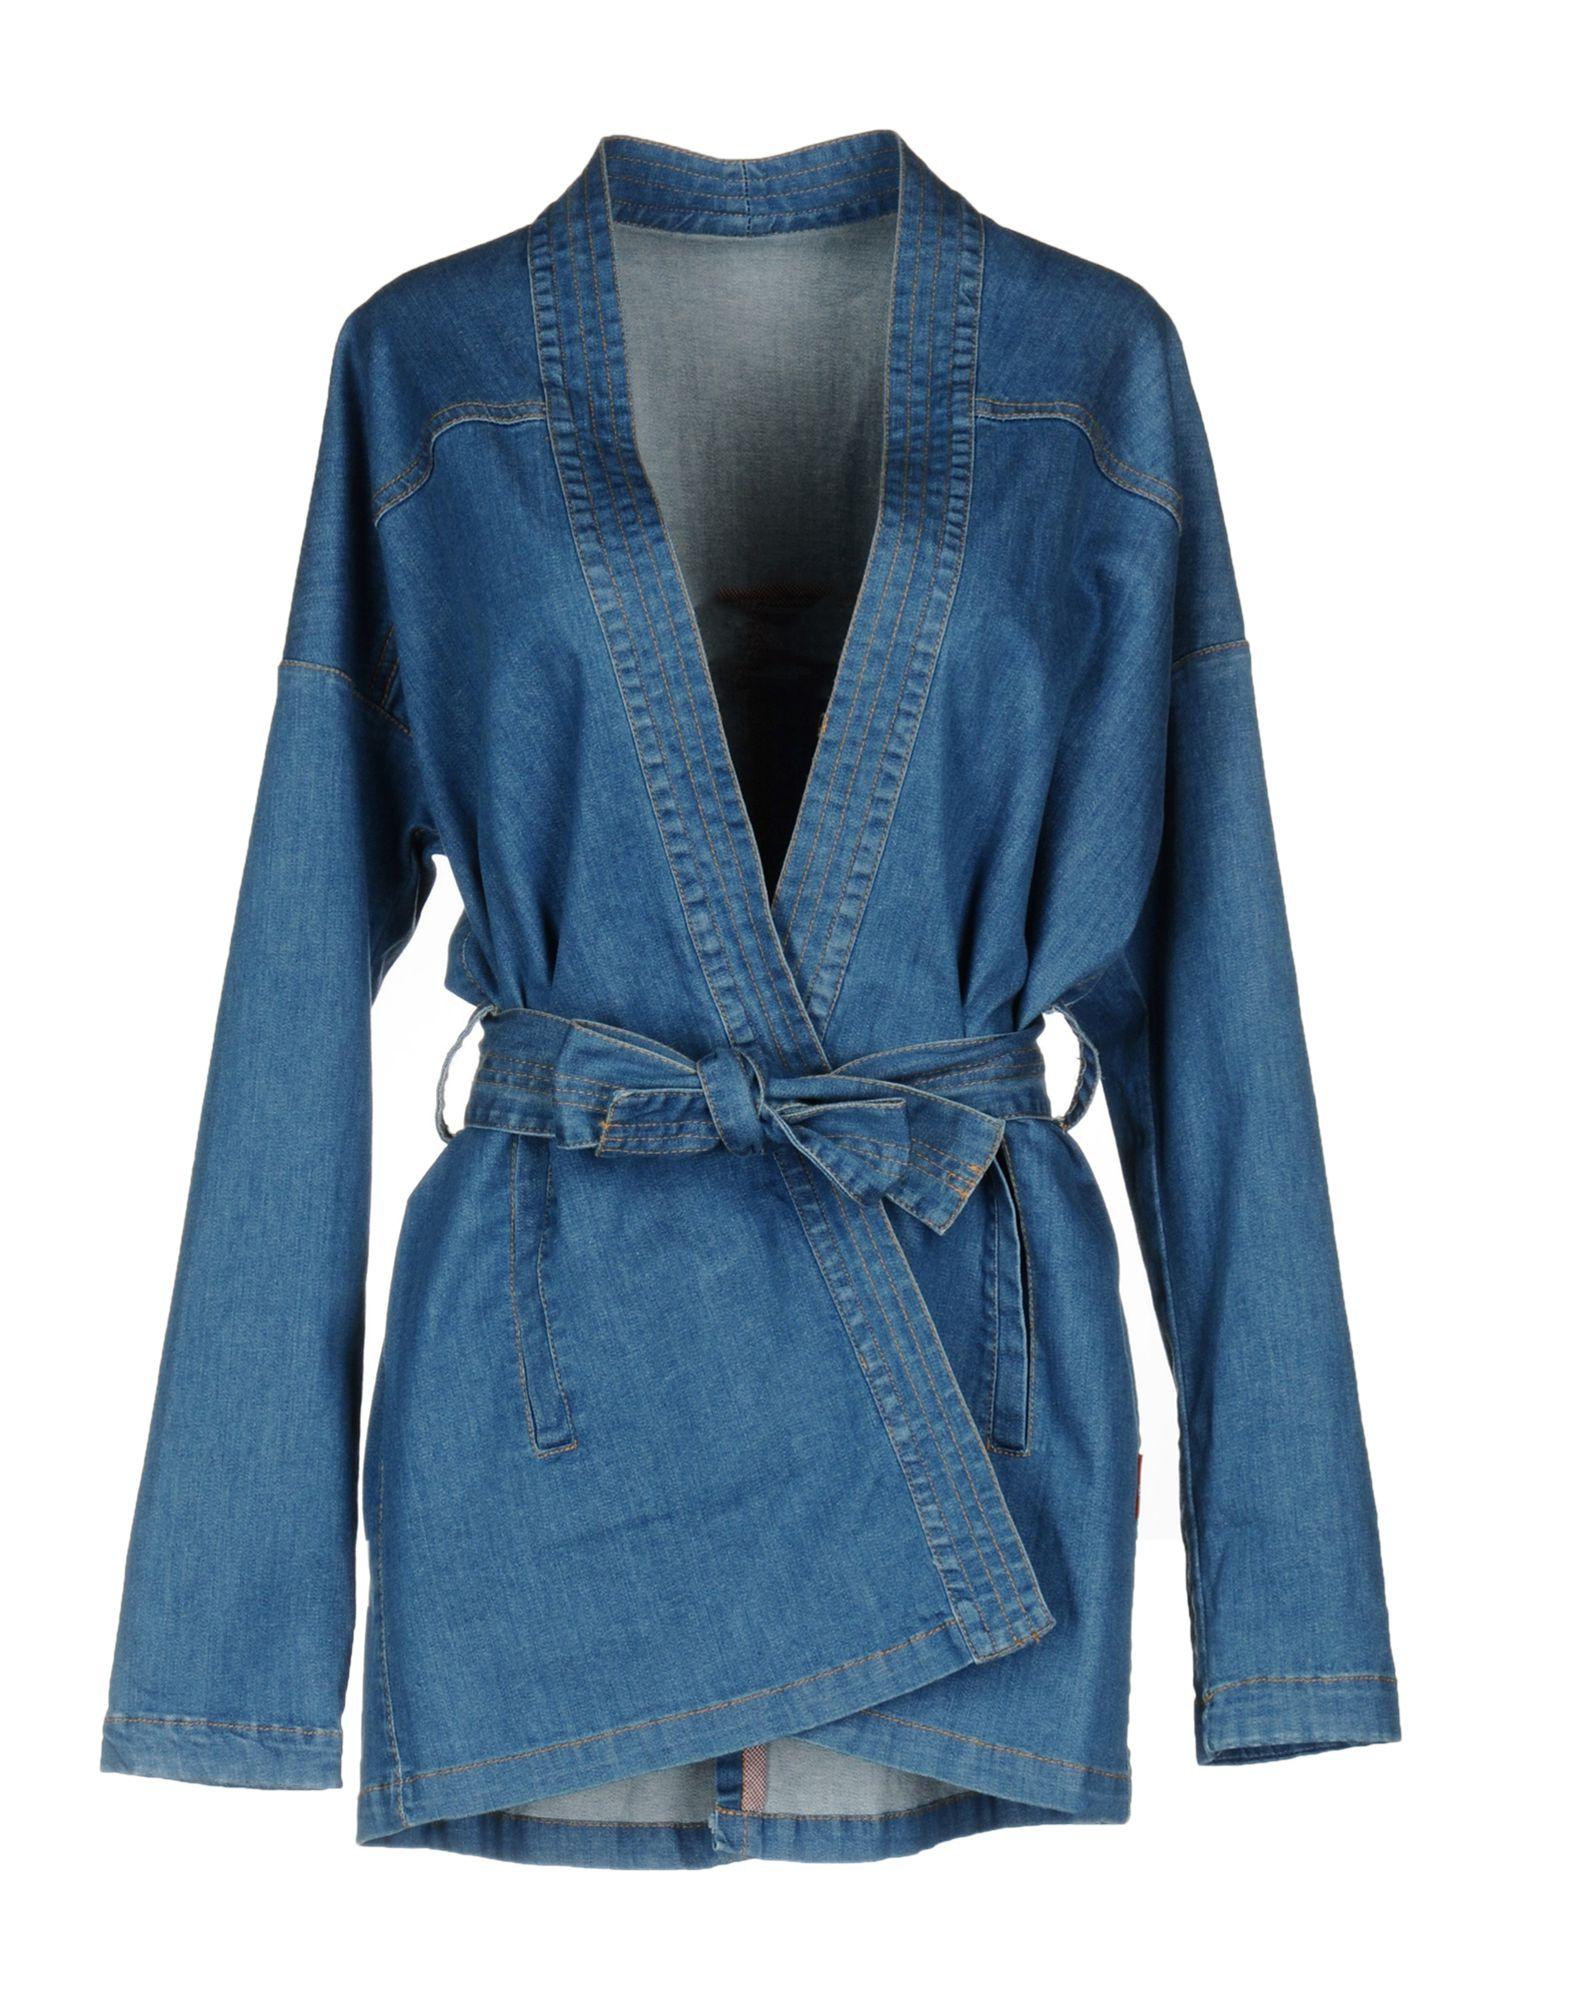 MALPH Джинсовая верхняя одежда colmar джинсовая верхняя одежда